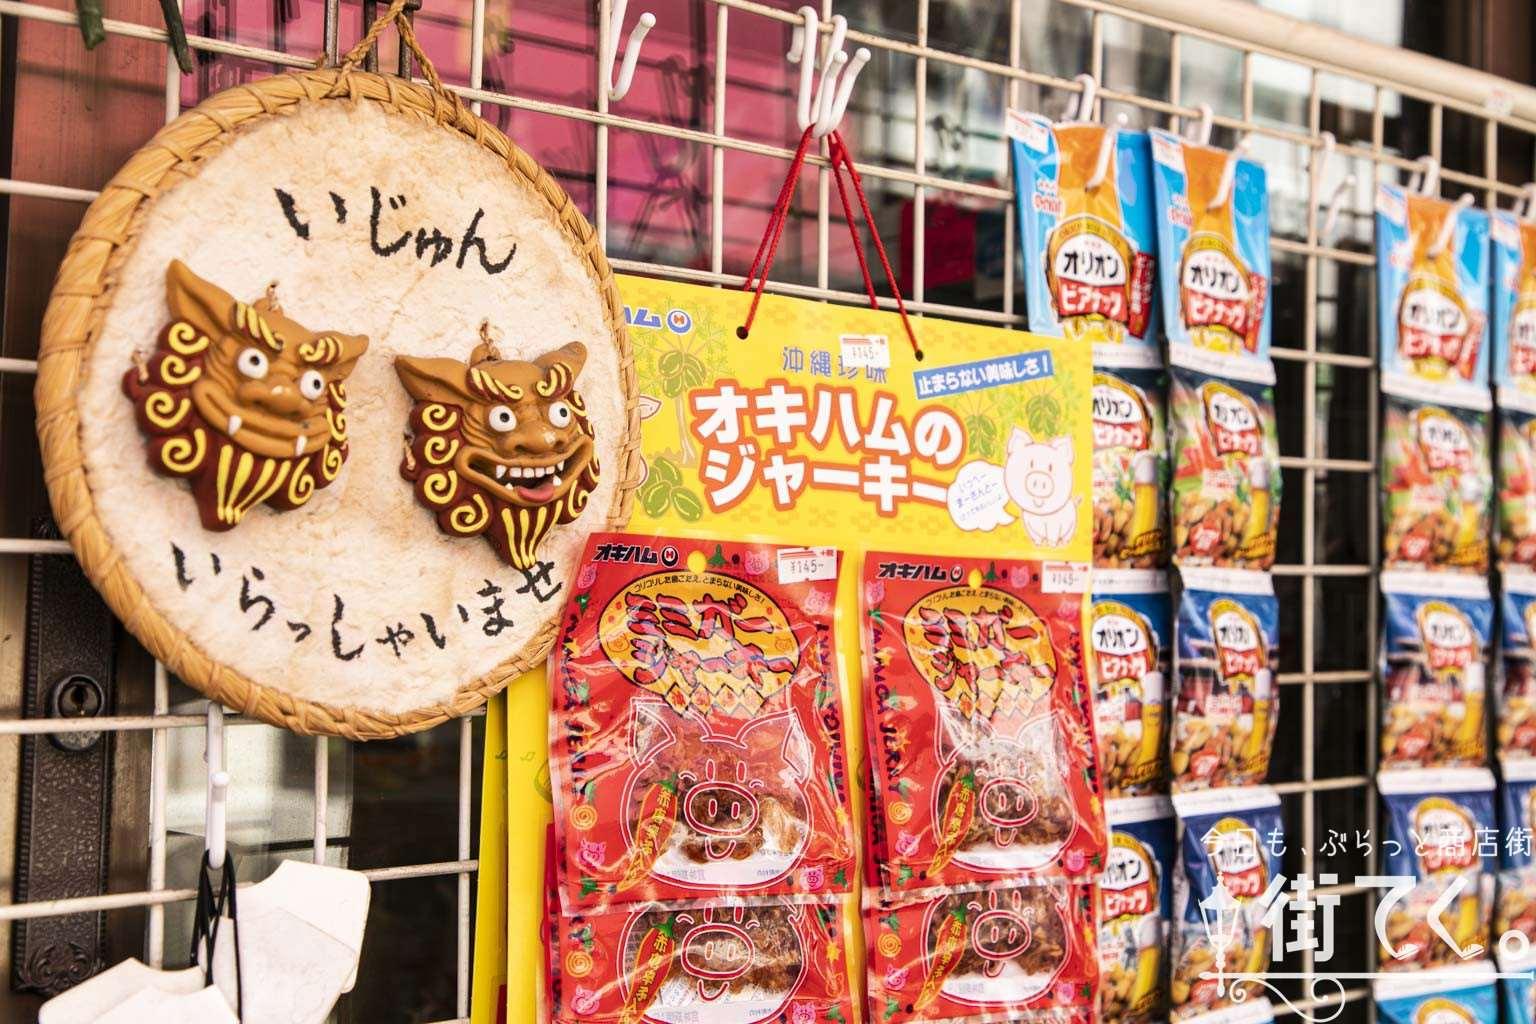 和泉商店街直営店 いじゅん